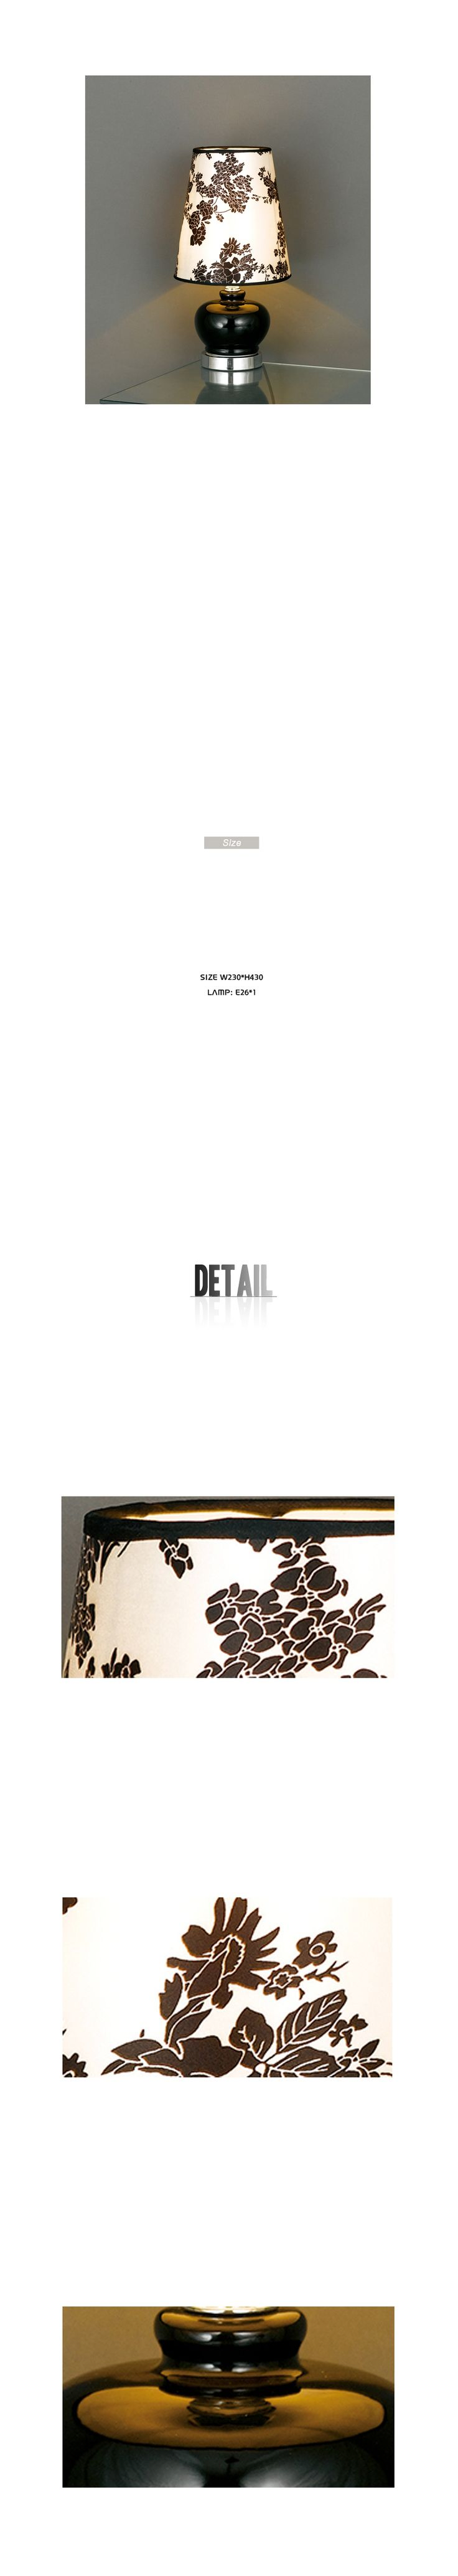 상품 상세보기 : 인테리어 스탠드 - [정품]호빗 단스탠드